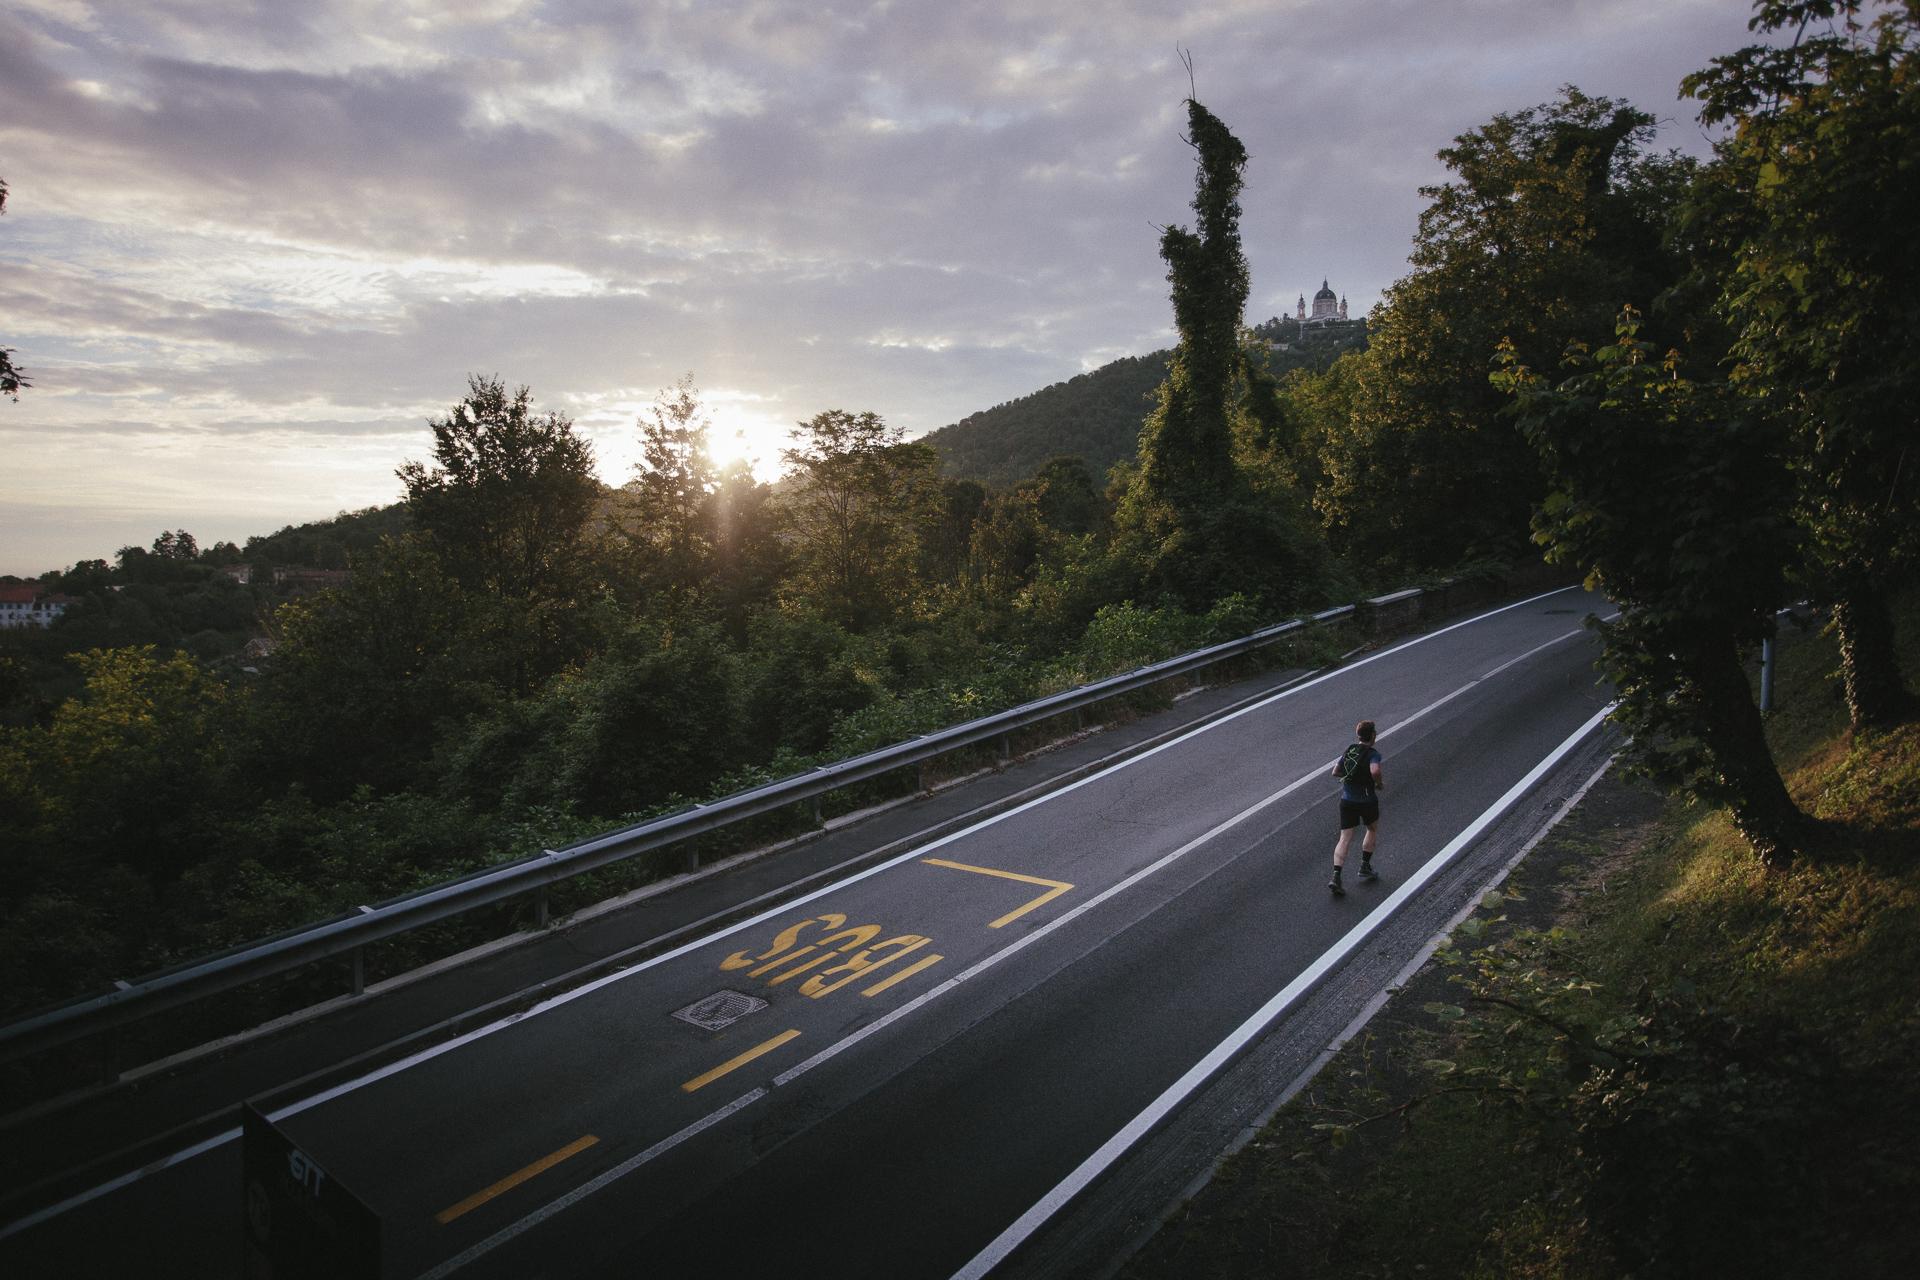 Un'avventura lunga un giorno: Asics Beat The Sun sui Sentieri della Collina